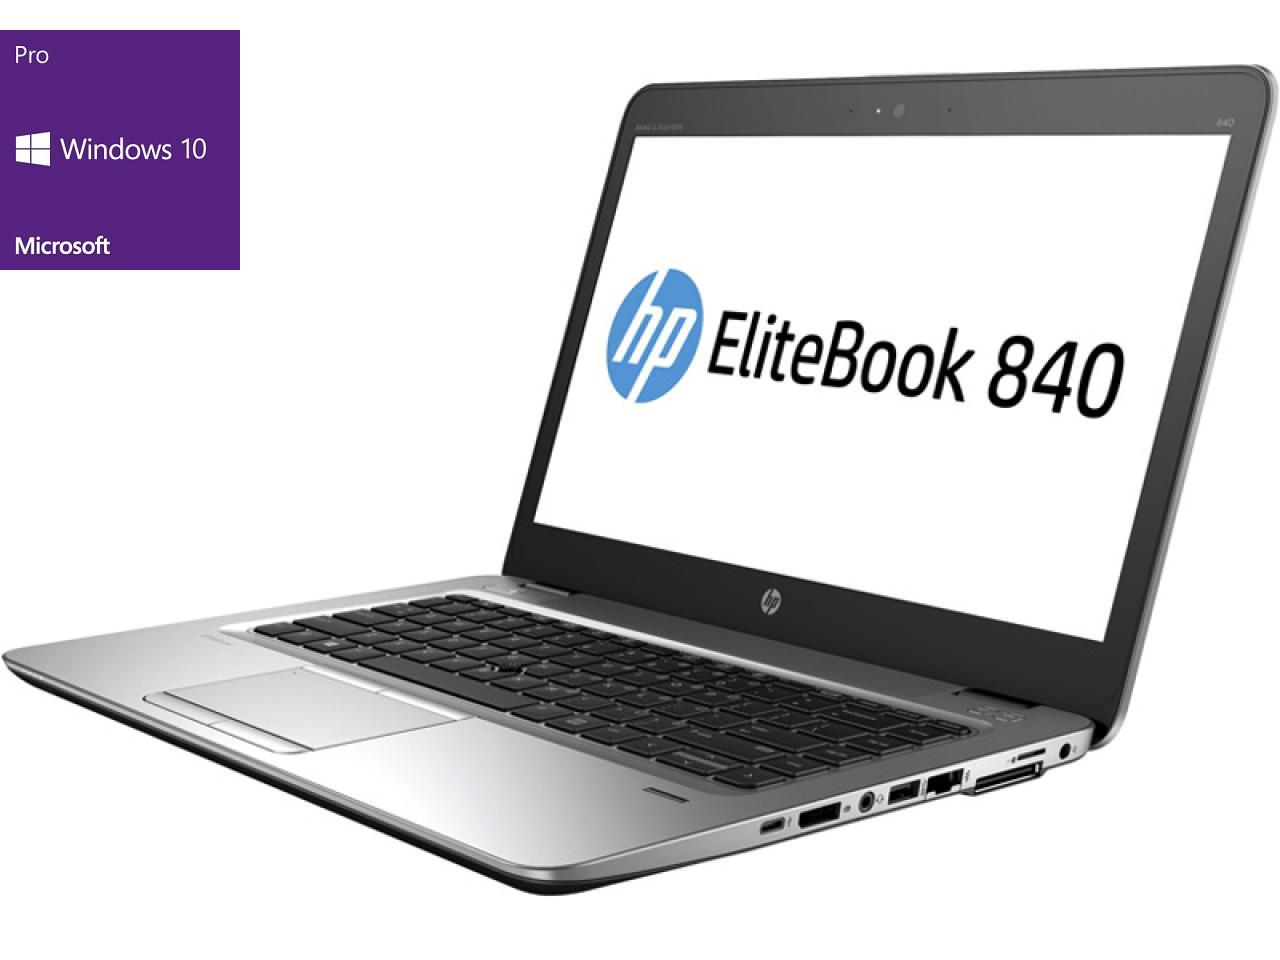 Hewlett Packard Elitebook 840 G3 Touch  - shop.bb-net.de